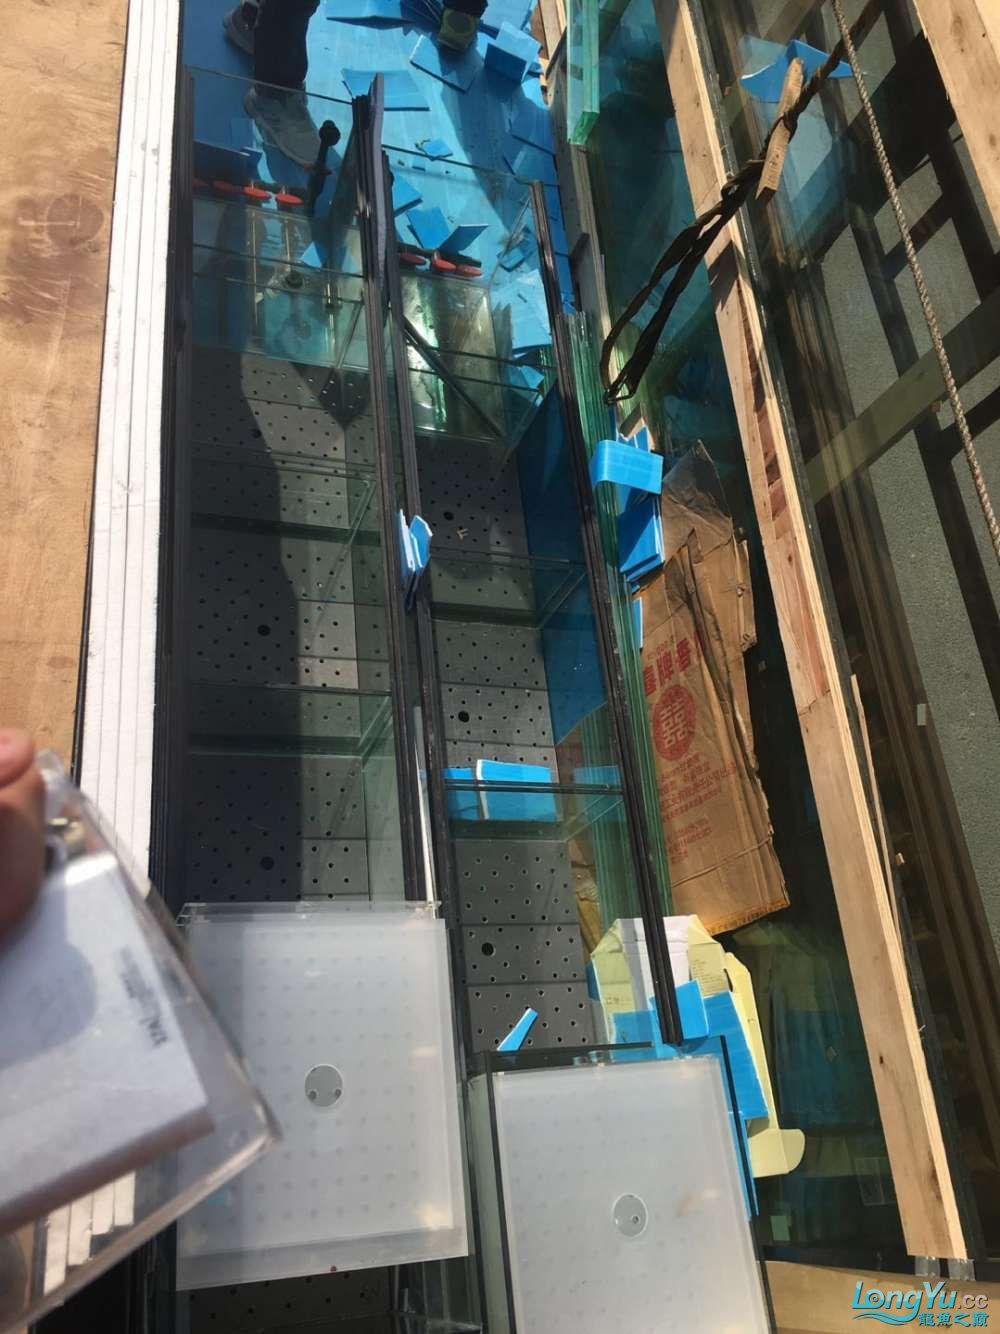 延安鱼缸水族箱批发辉煌水族7米鱼缸上缸1300现场制作过程多图慎完工 延安观赏鱼 延安龙鱼第16张